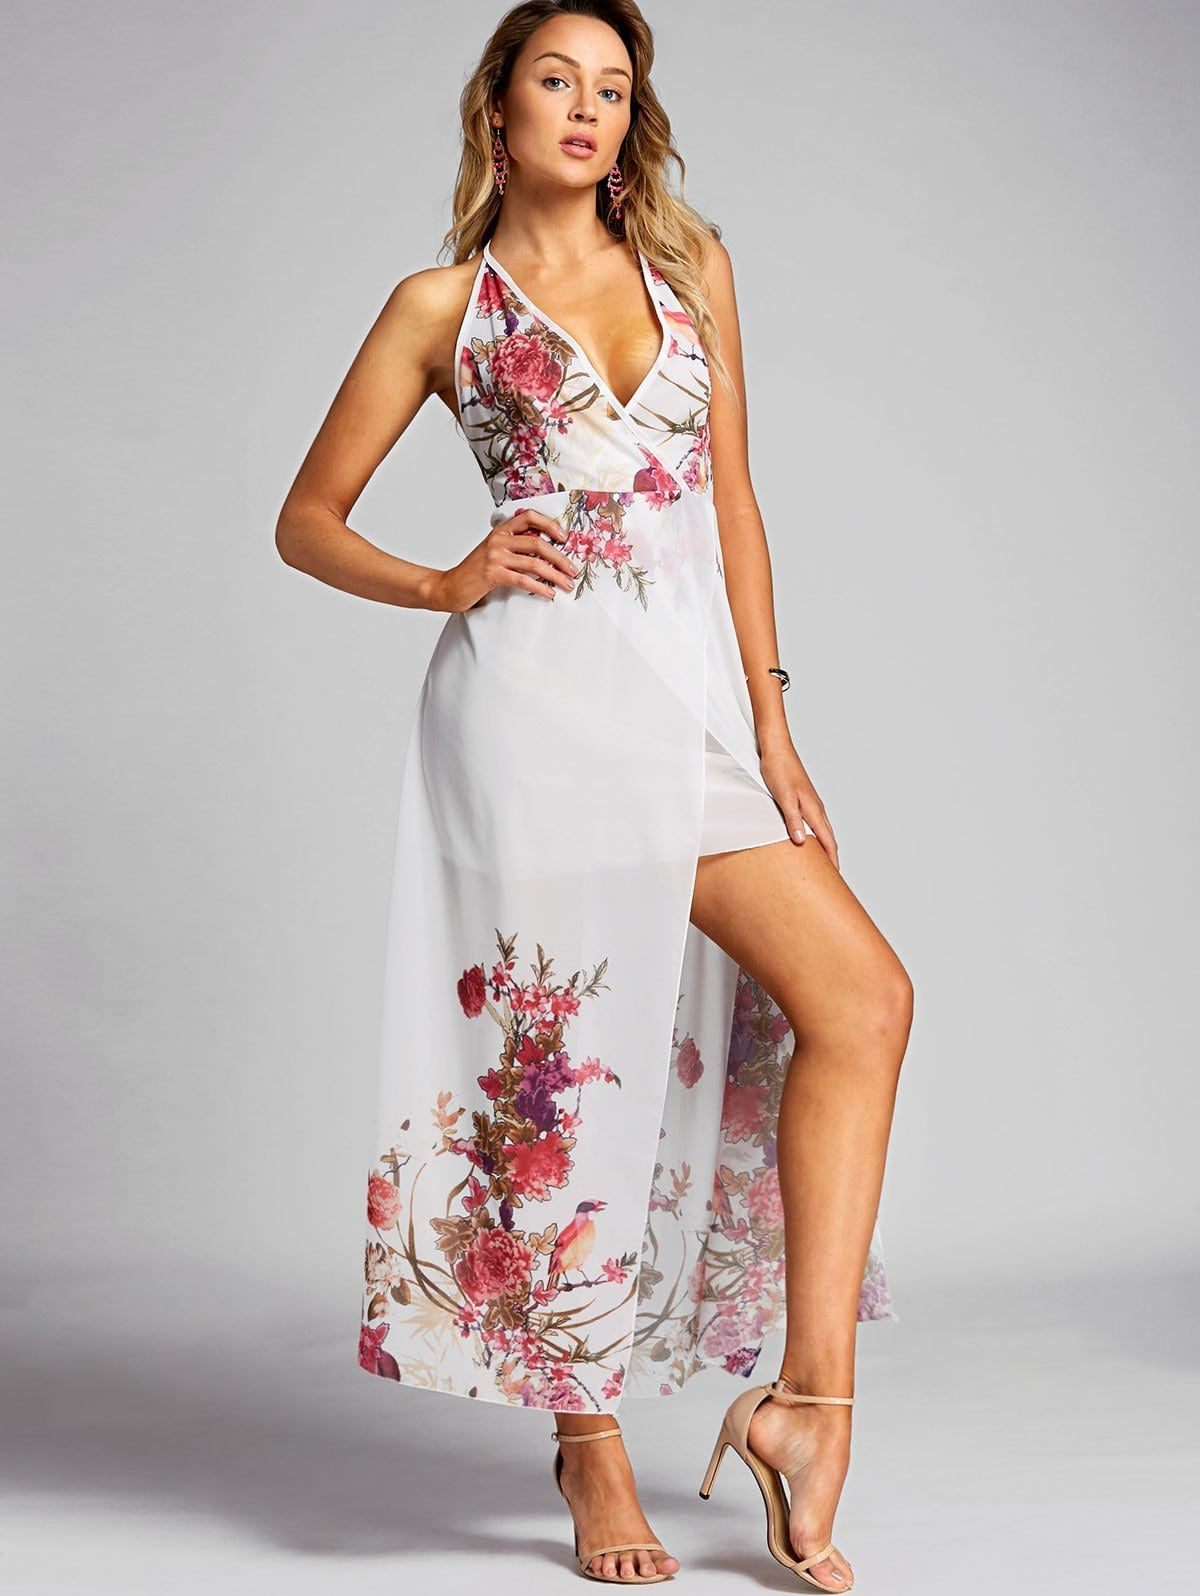 784c7cd5c1f5d Floral Print Halter Chiffon Dress in 2019 | Top Dresses | Chiffon ...